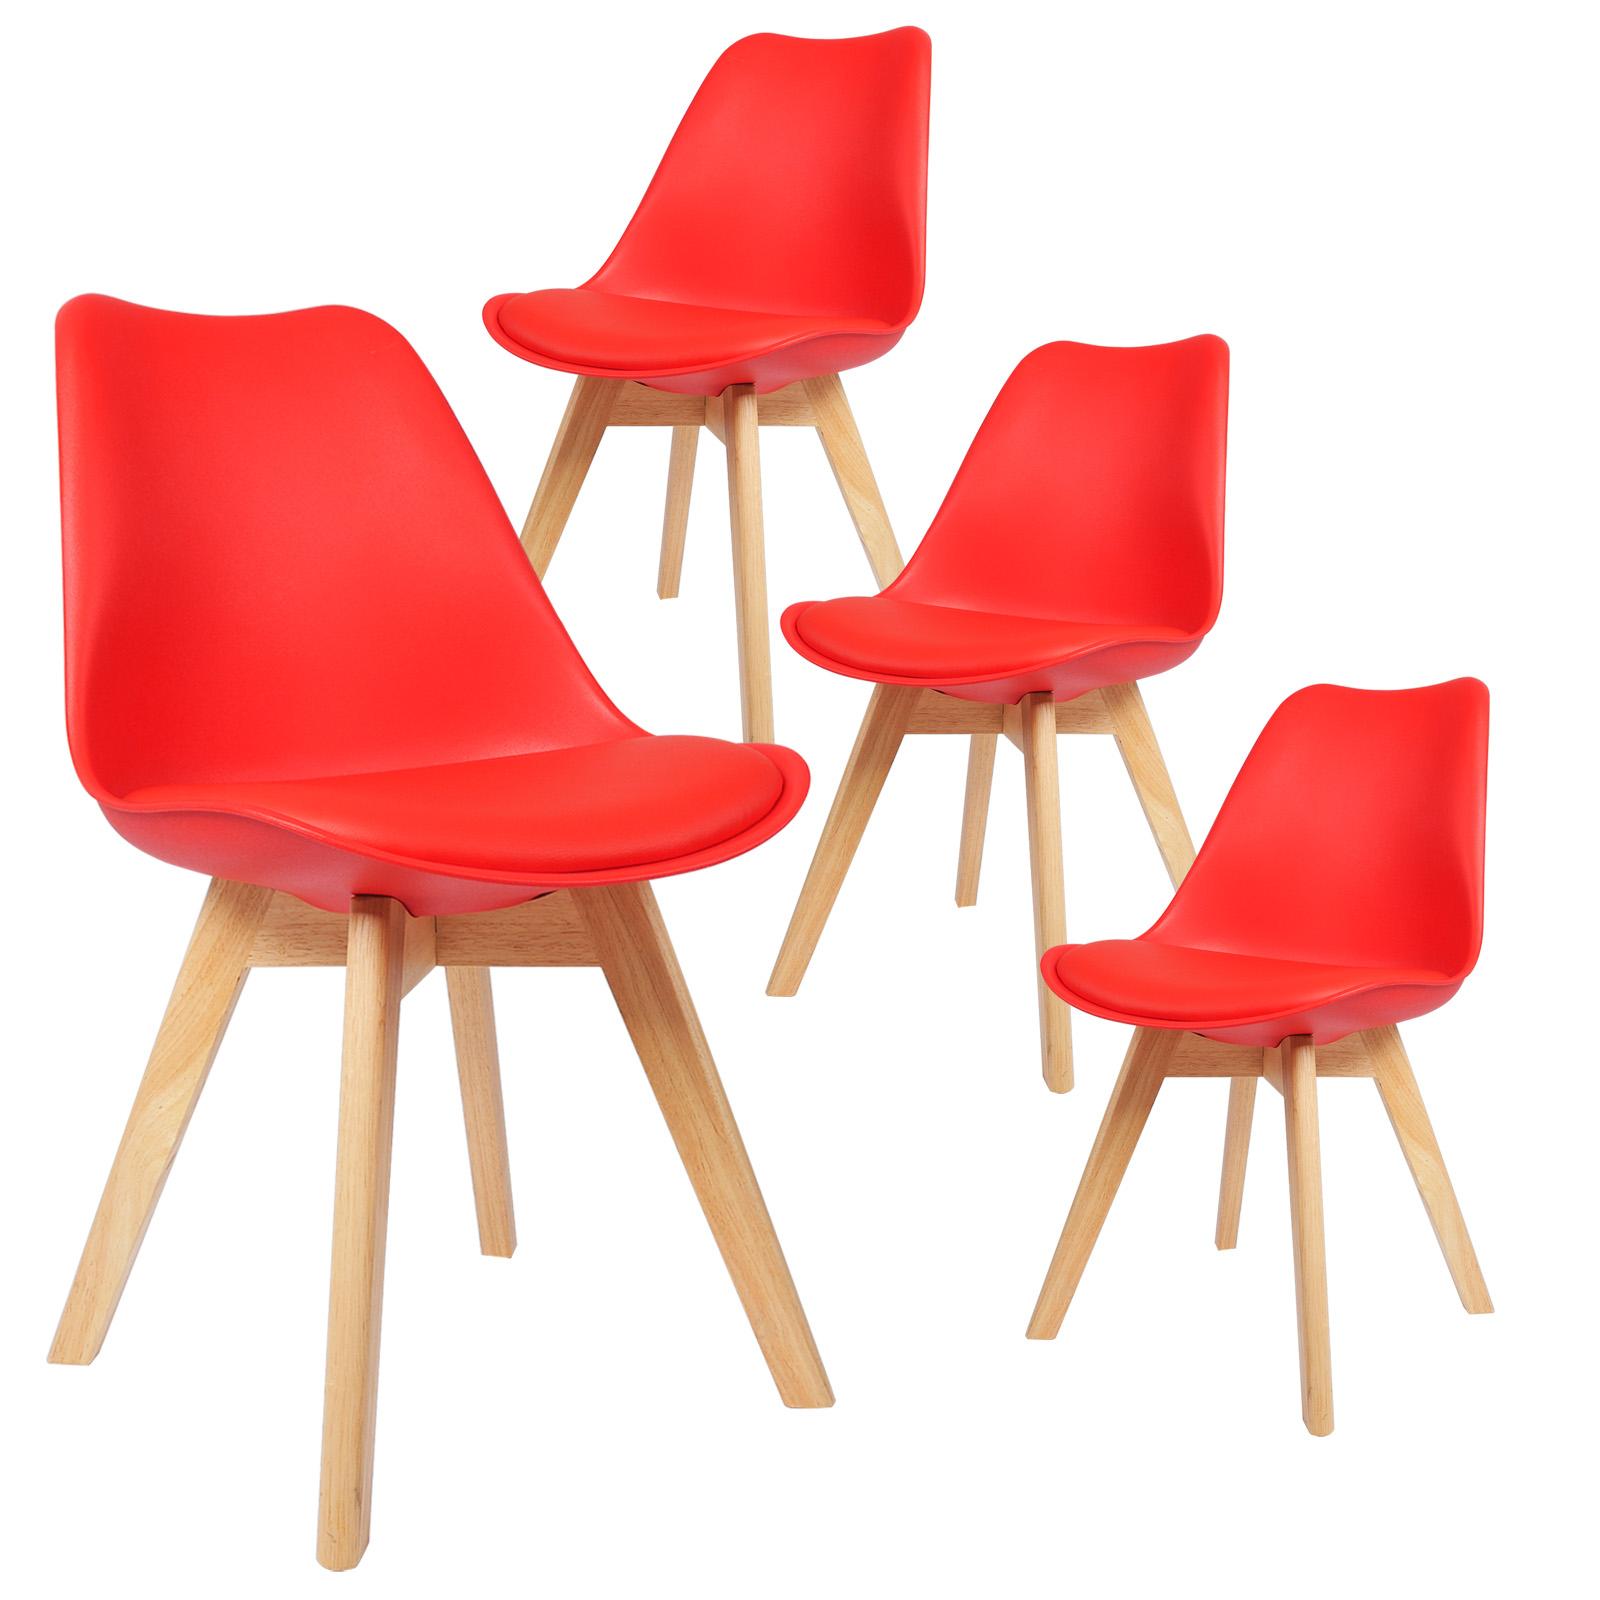 4 x esszimmerst hle esszimmerstuhl polsterstuhl holz kunstleder rot bh29rt 4 ebay. Black Bedroom Furniture Sets. Home Design Ideas